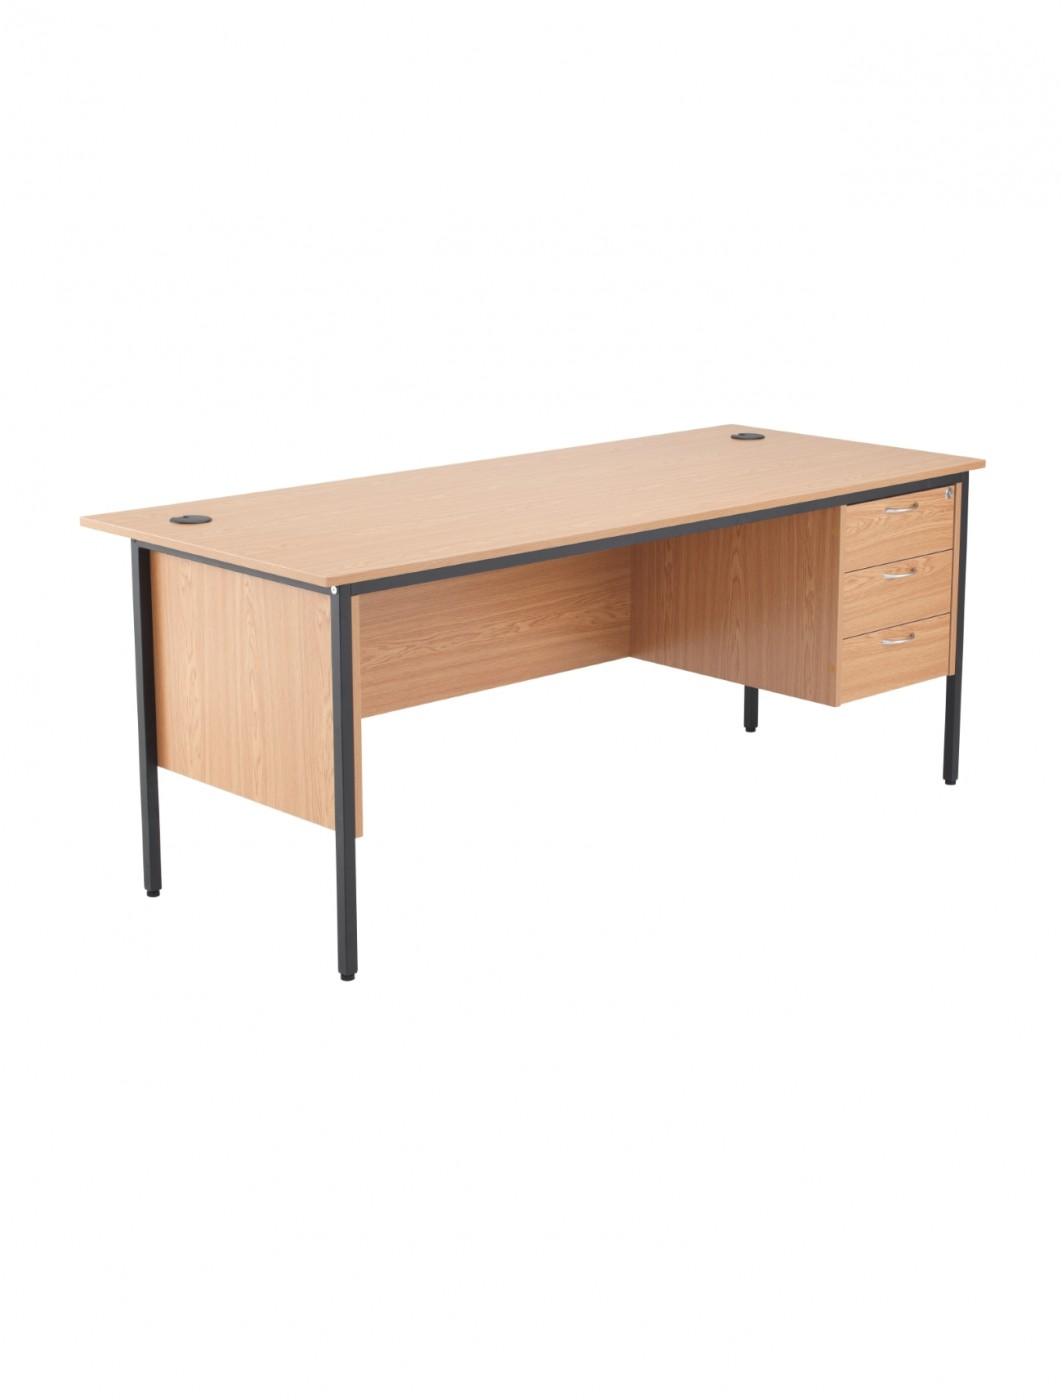 Oak office desk 1786x746mm tc start 18 desk stb17recdrw3ok 121 office furniture - Oak office desk ...